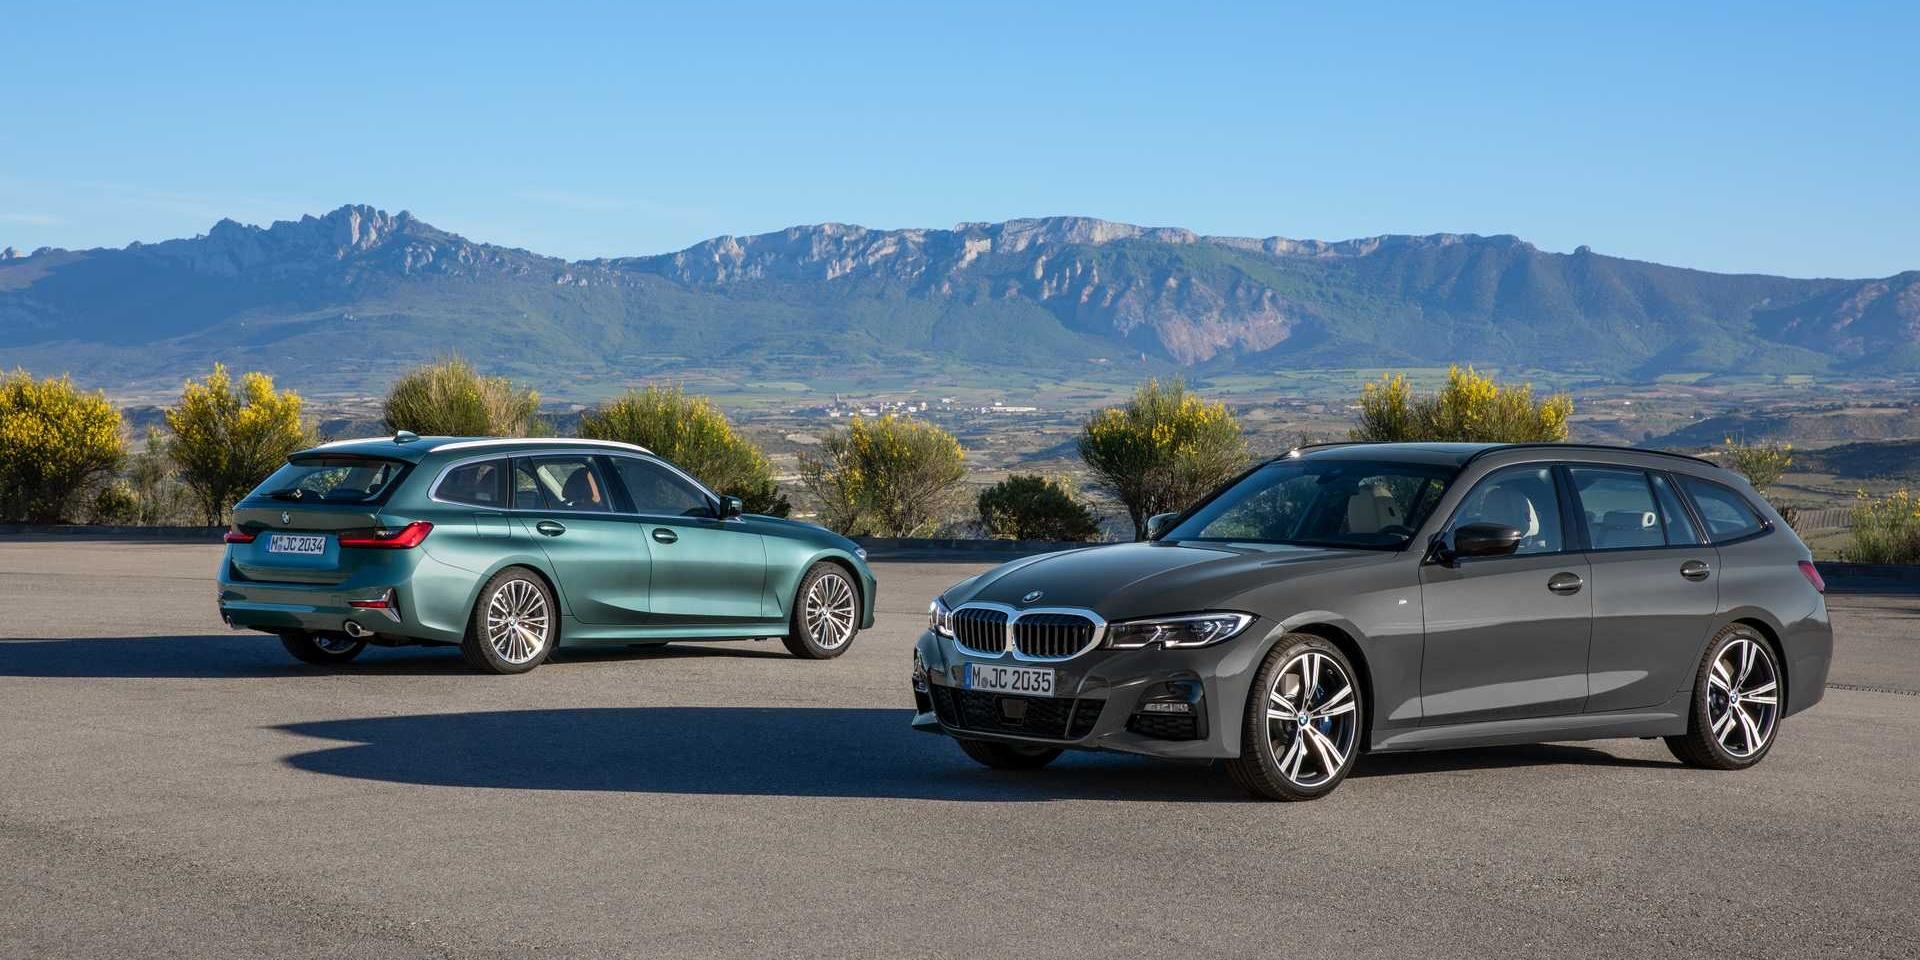 消失的實用設計!?BMW 3系列旅行車將取消獨立啟閉尾窗